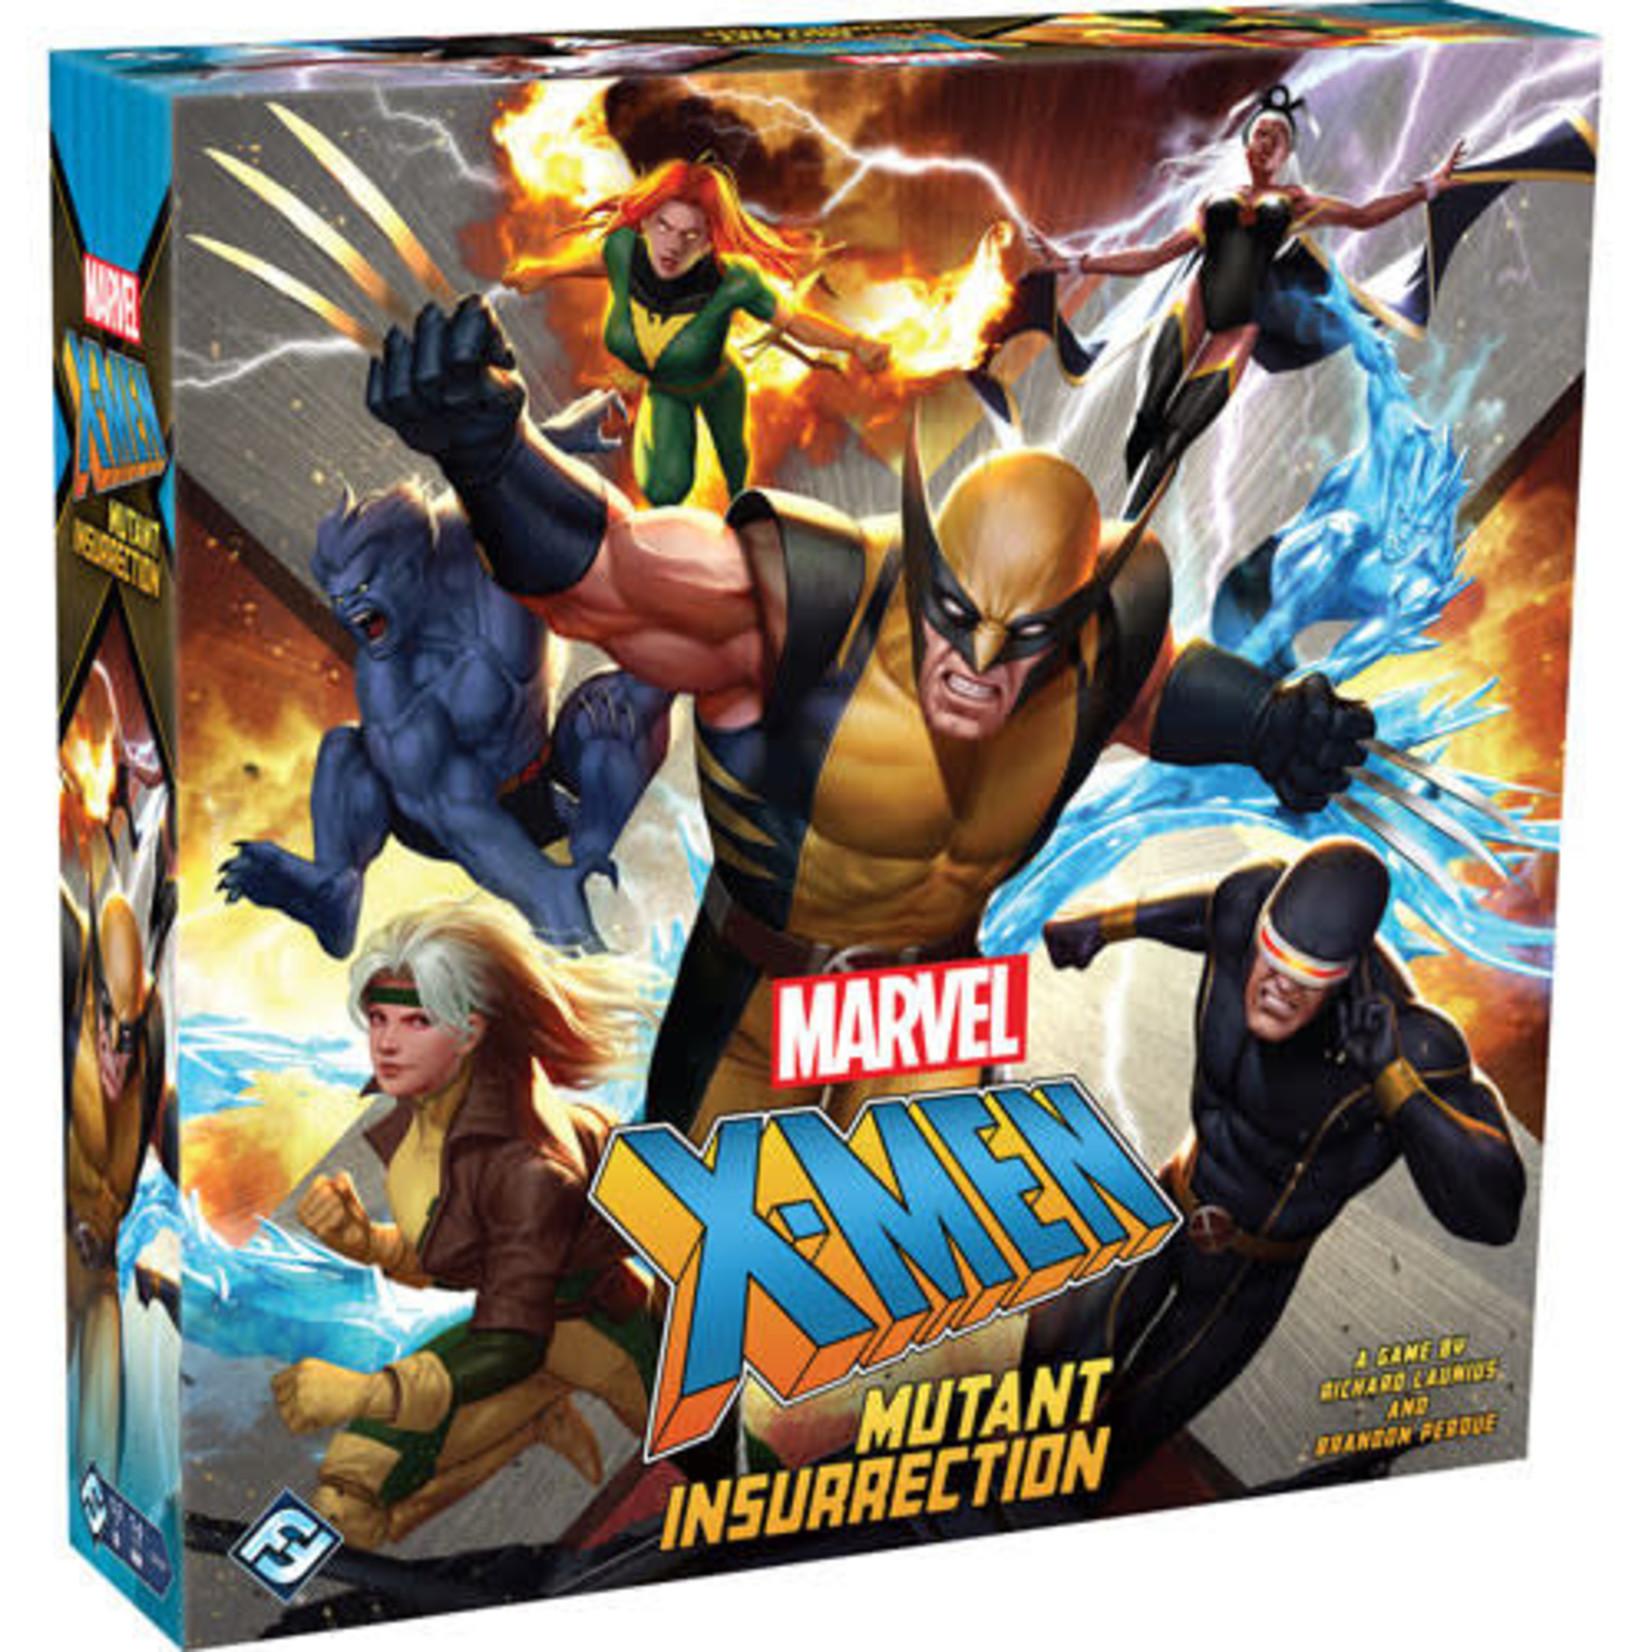 Marvel X-Men Mutant Insurrection Board Game